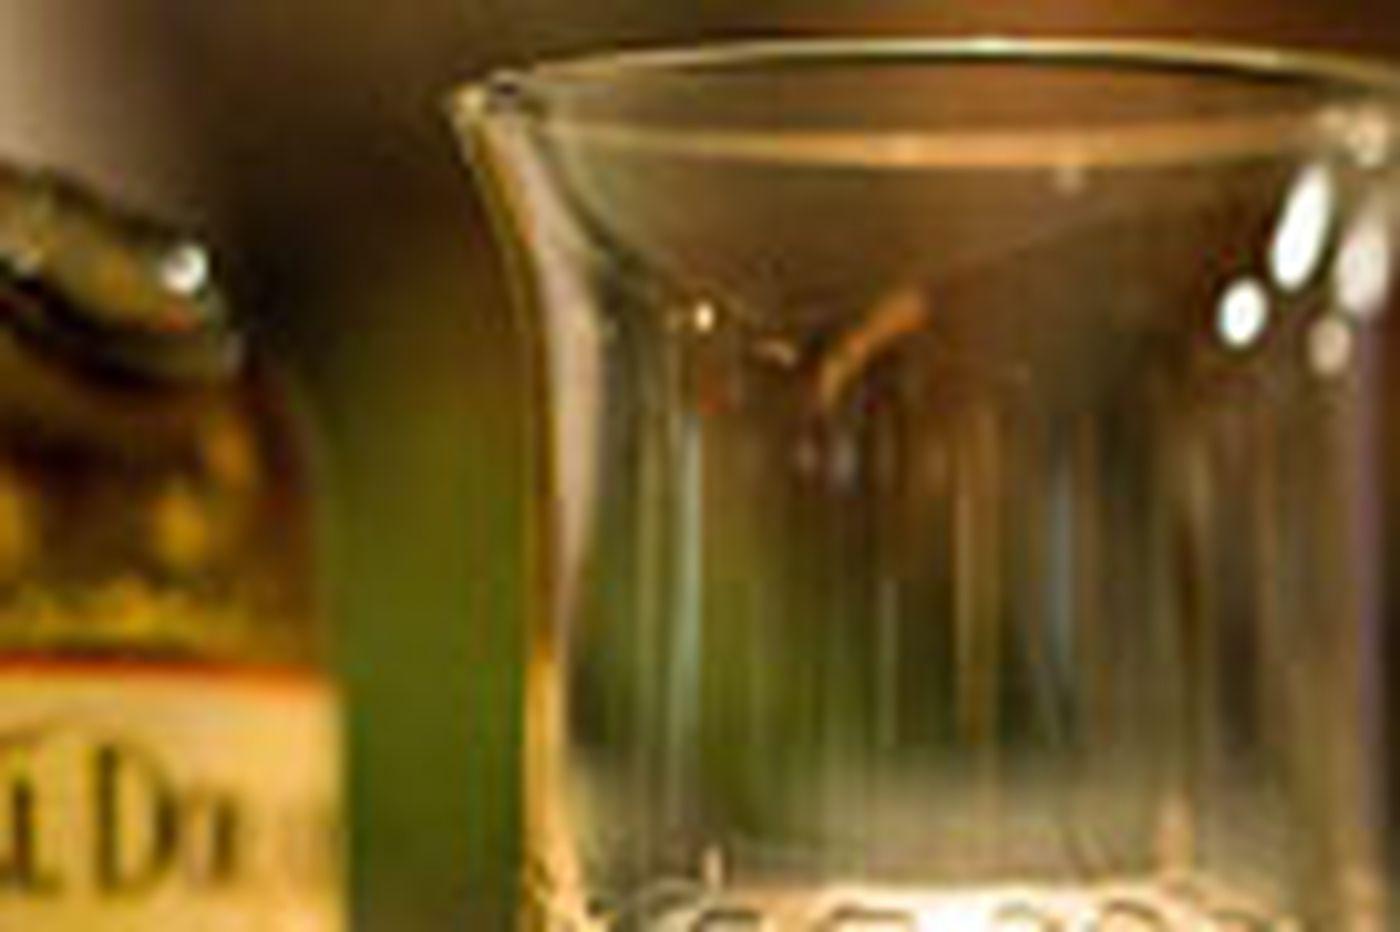 El Dorado rum from Demerara Distillers, 15 or 21 years old